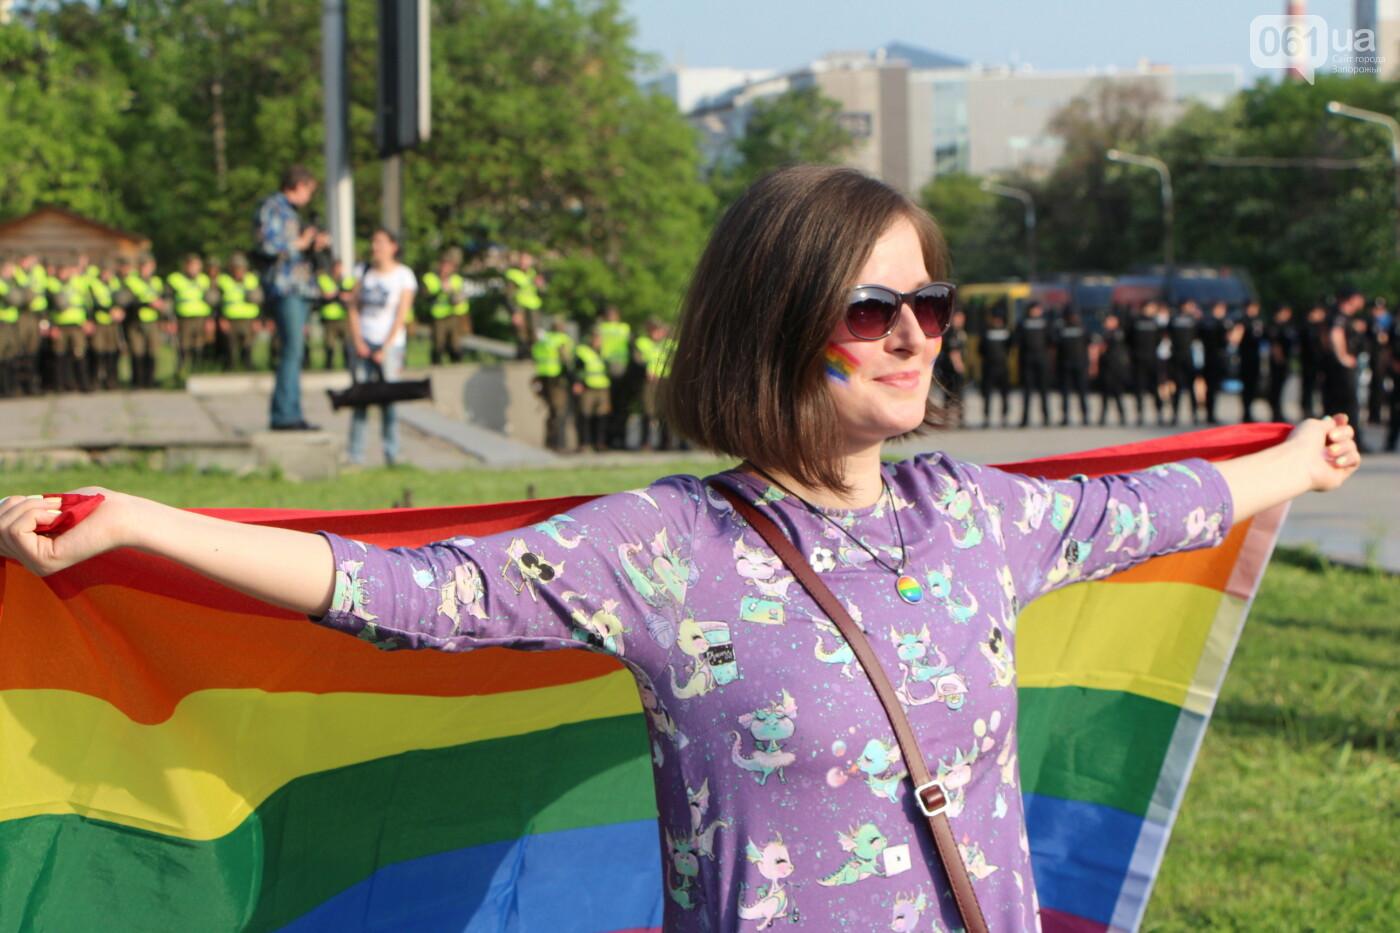 """""""Радужный флешмоб"""" переехал из-за угрозы насилия: как прошла ЛГБТ-акция в Запорожье, - ФОТОРЕПОРТАЖ, фото-49"""